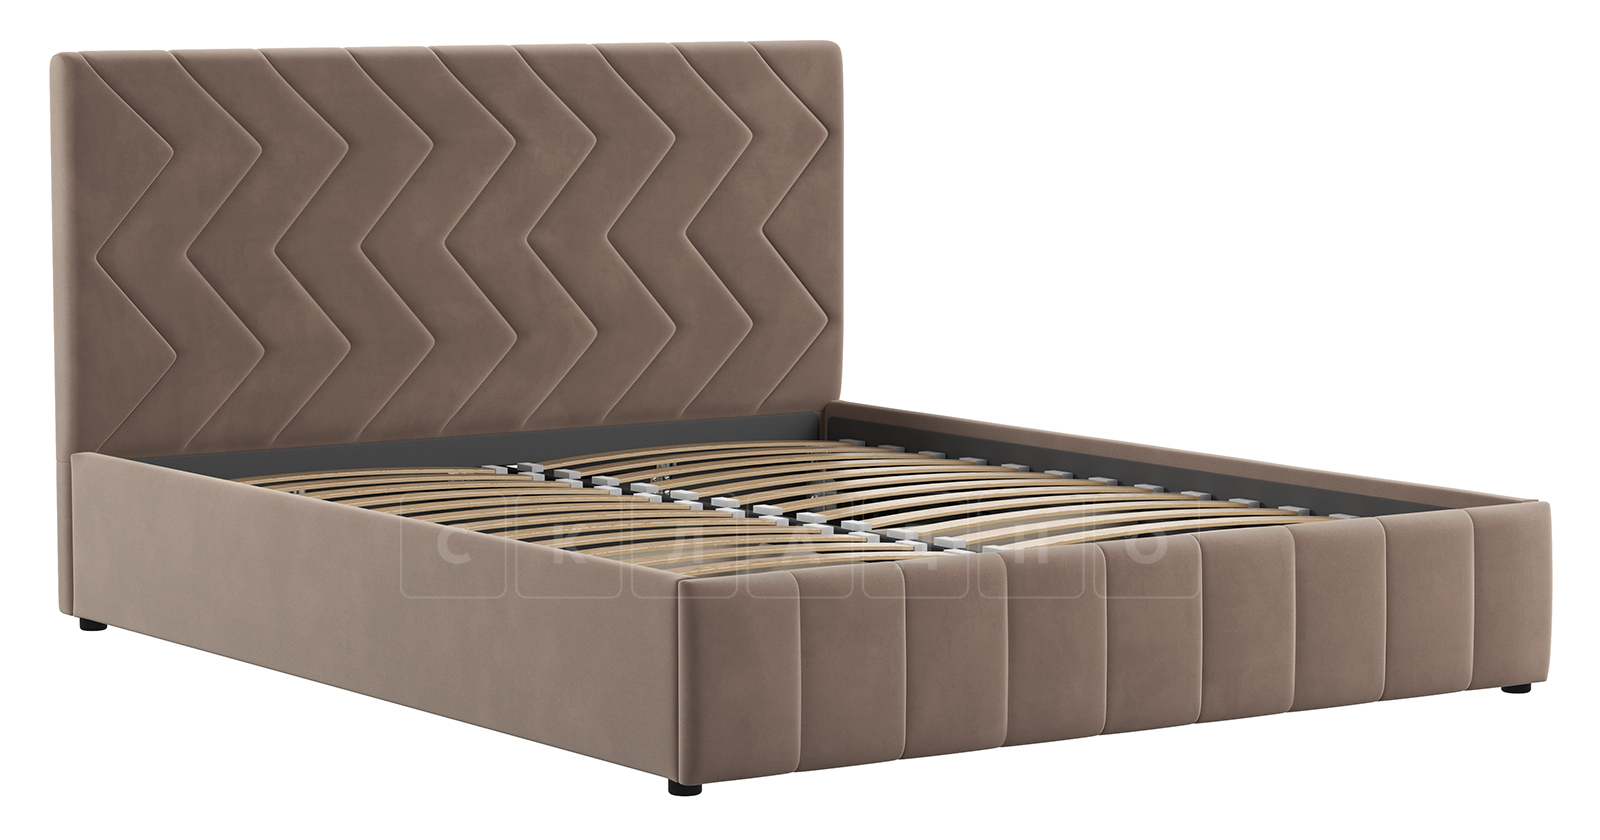 Мягкая кровать Милана 160 см карамельный тауп с подъемным механизмом фото 3 | интернет-магазин Складно